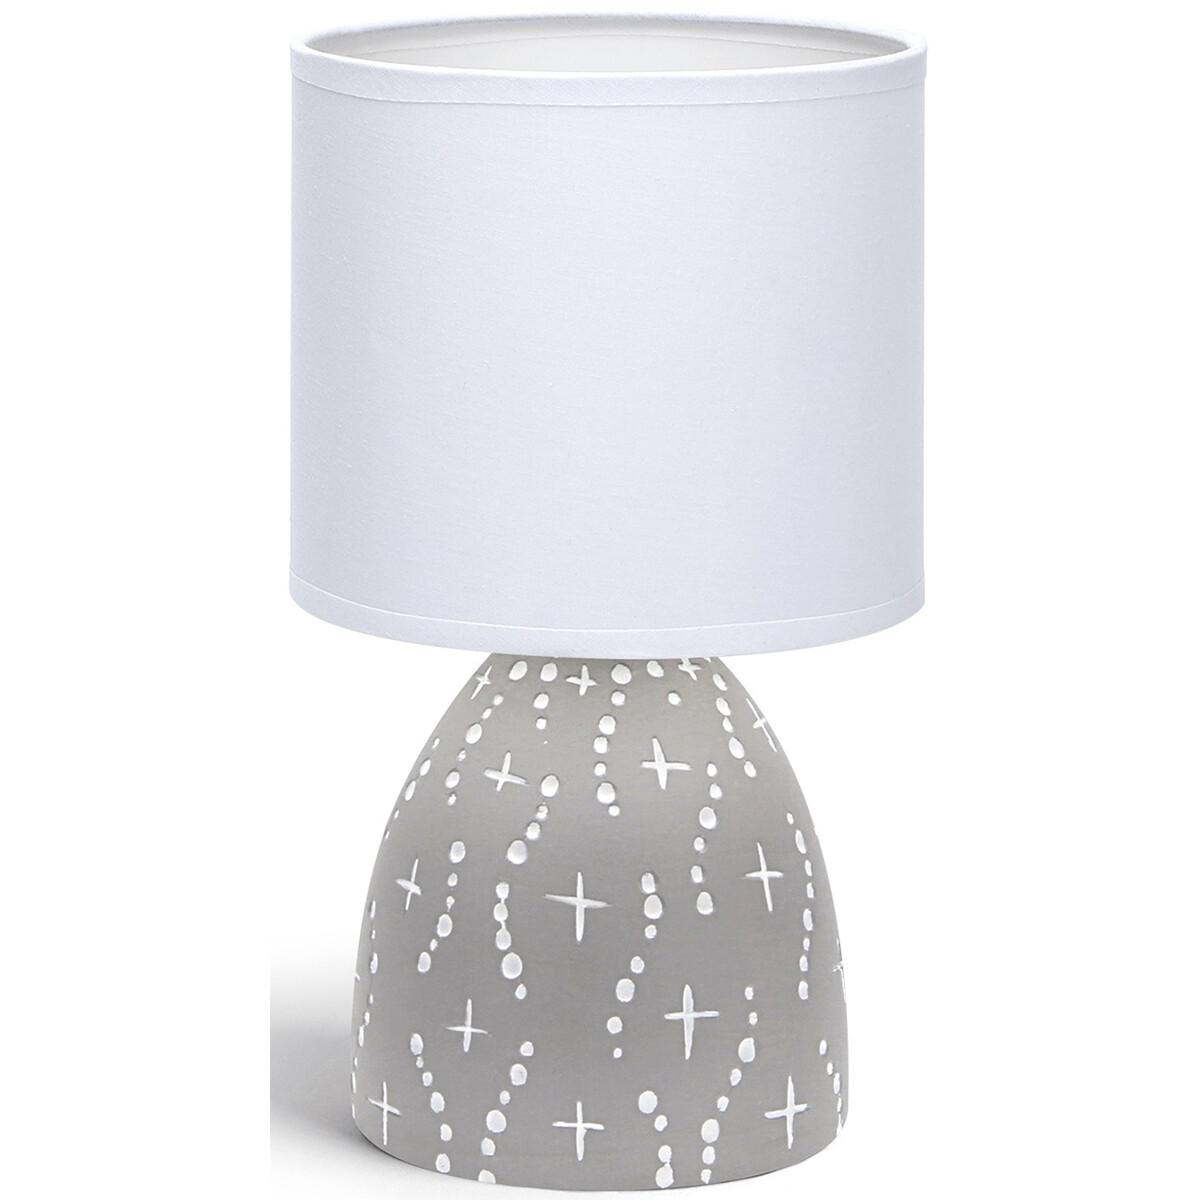 LED Tafellamp - Tafelverlichting - Aigi Atar - E14 Fitting - Rond - Mat Grijs - Keramiek